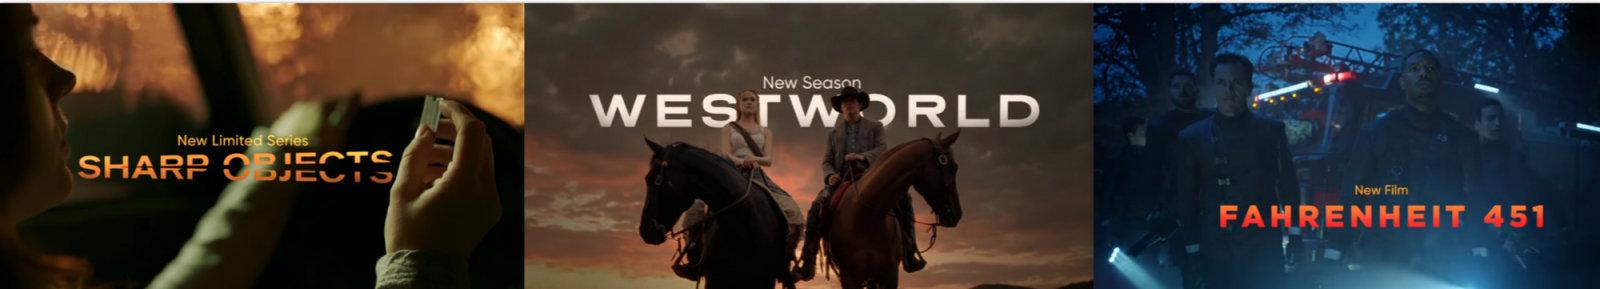 2018年看啥好!HBO新年新剧预览放出全新预告